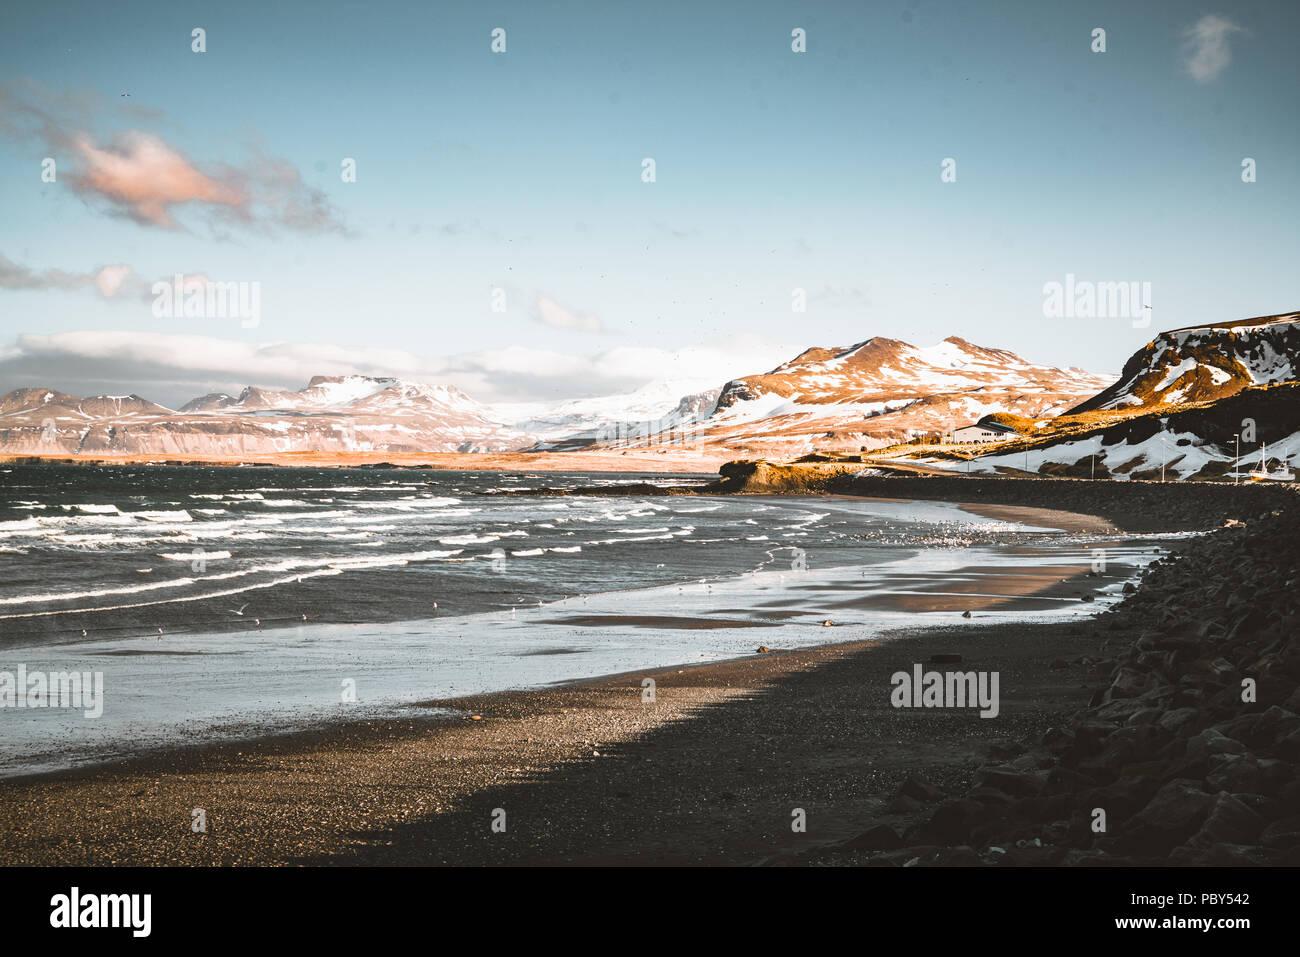 Benachrichtigen Snaefellsnes Island mit Blick auf den Ozean und den Strand und die Berge und blauer Himmel im Hintergrund. Stockbild